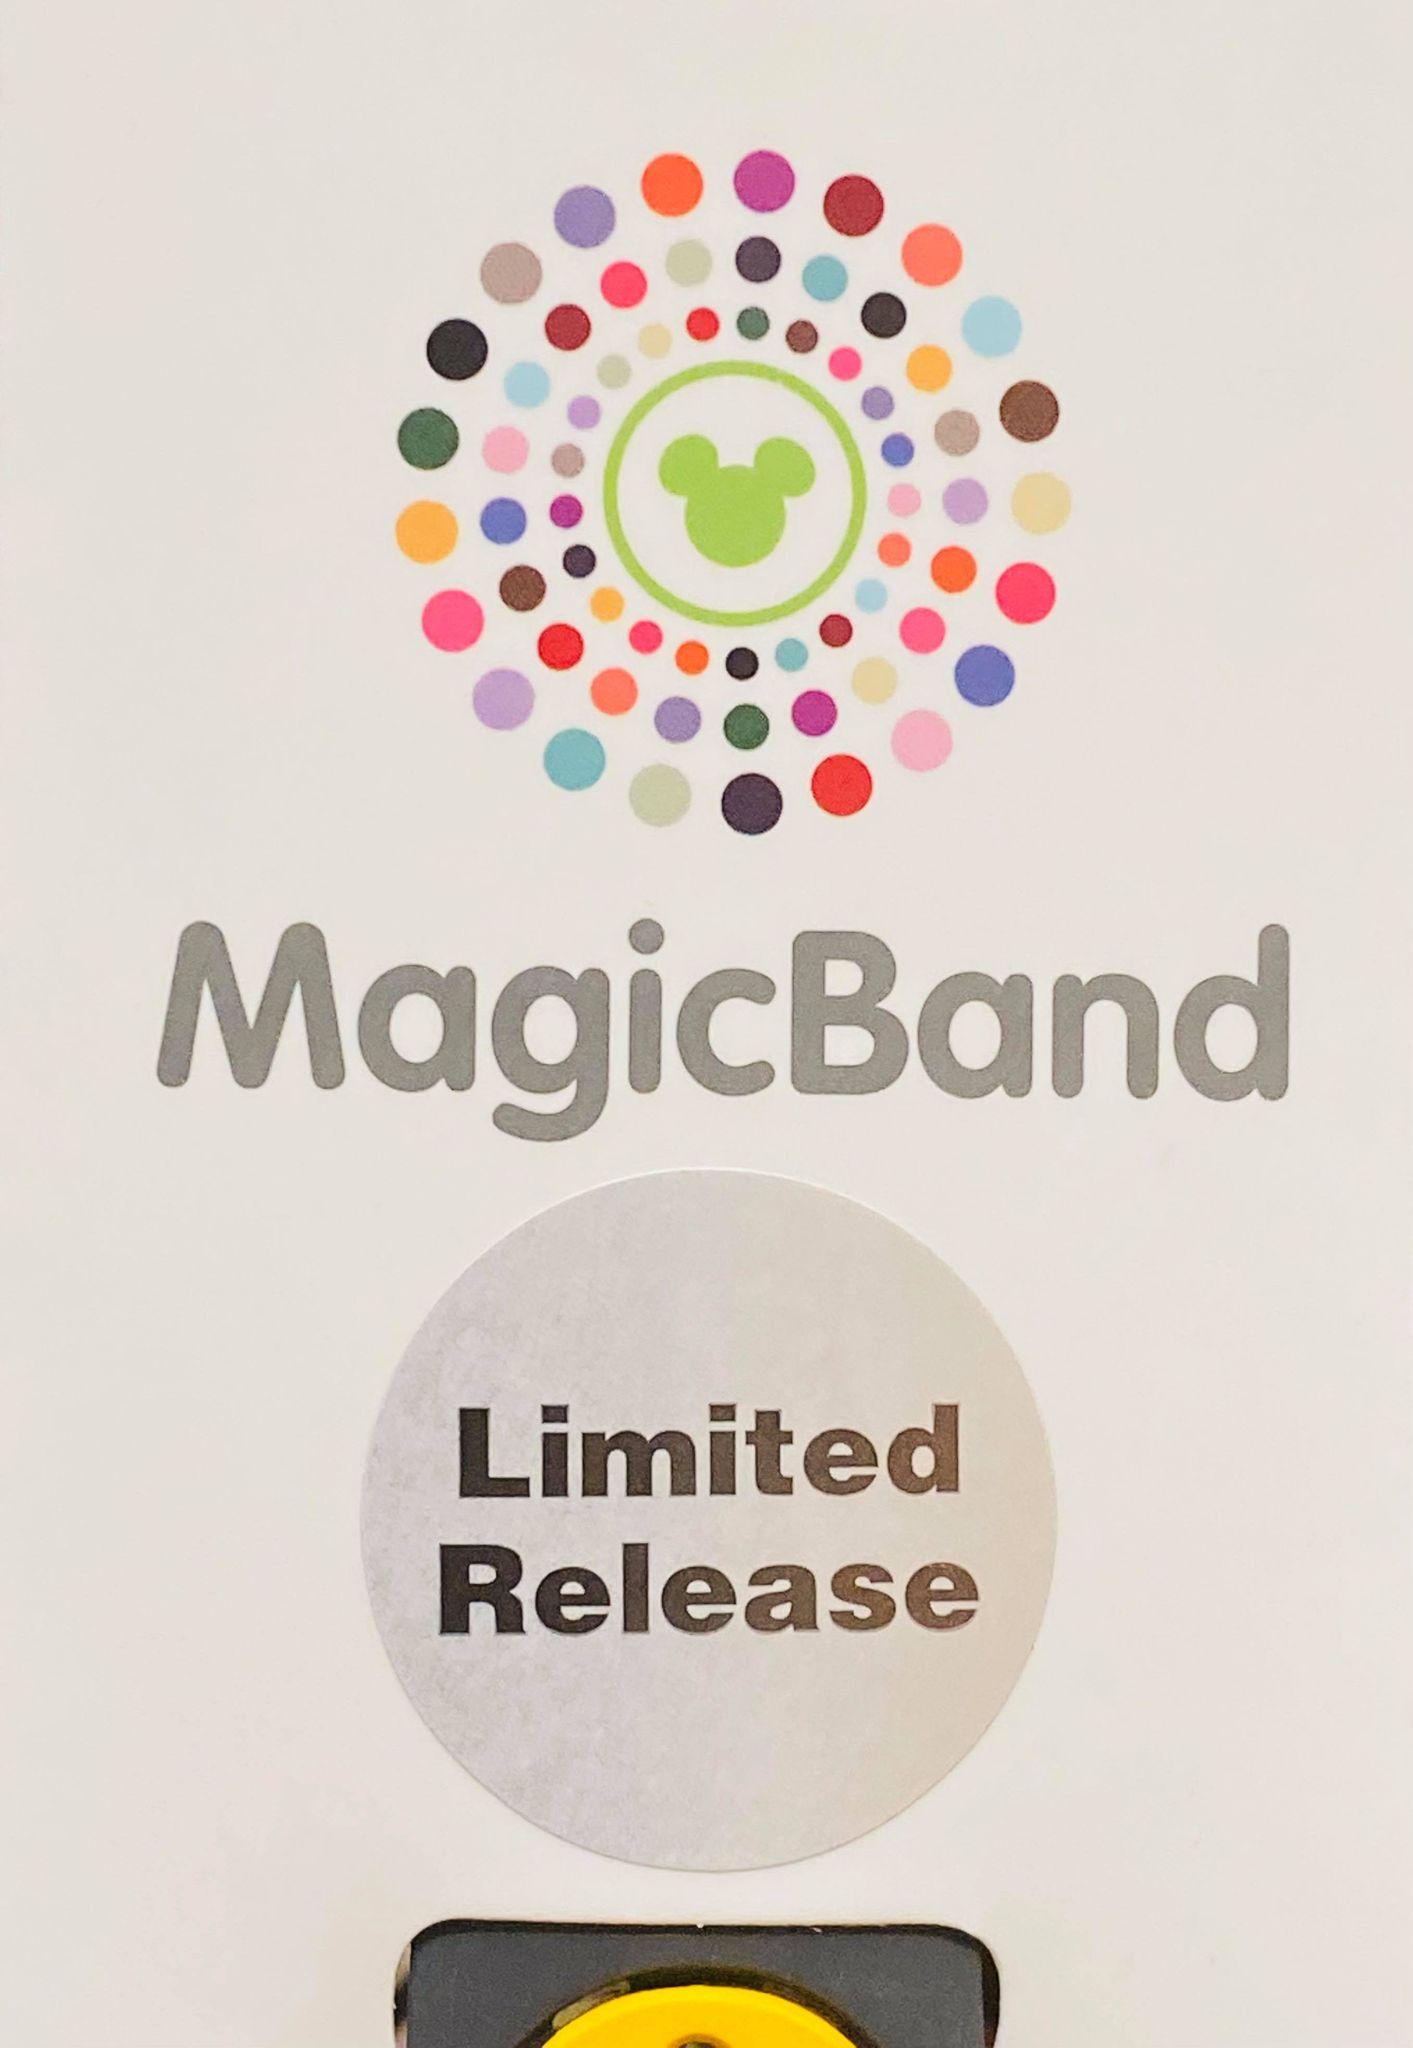 scrooge mcduck ap magicband 2021